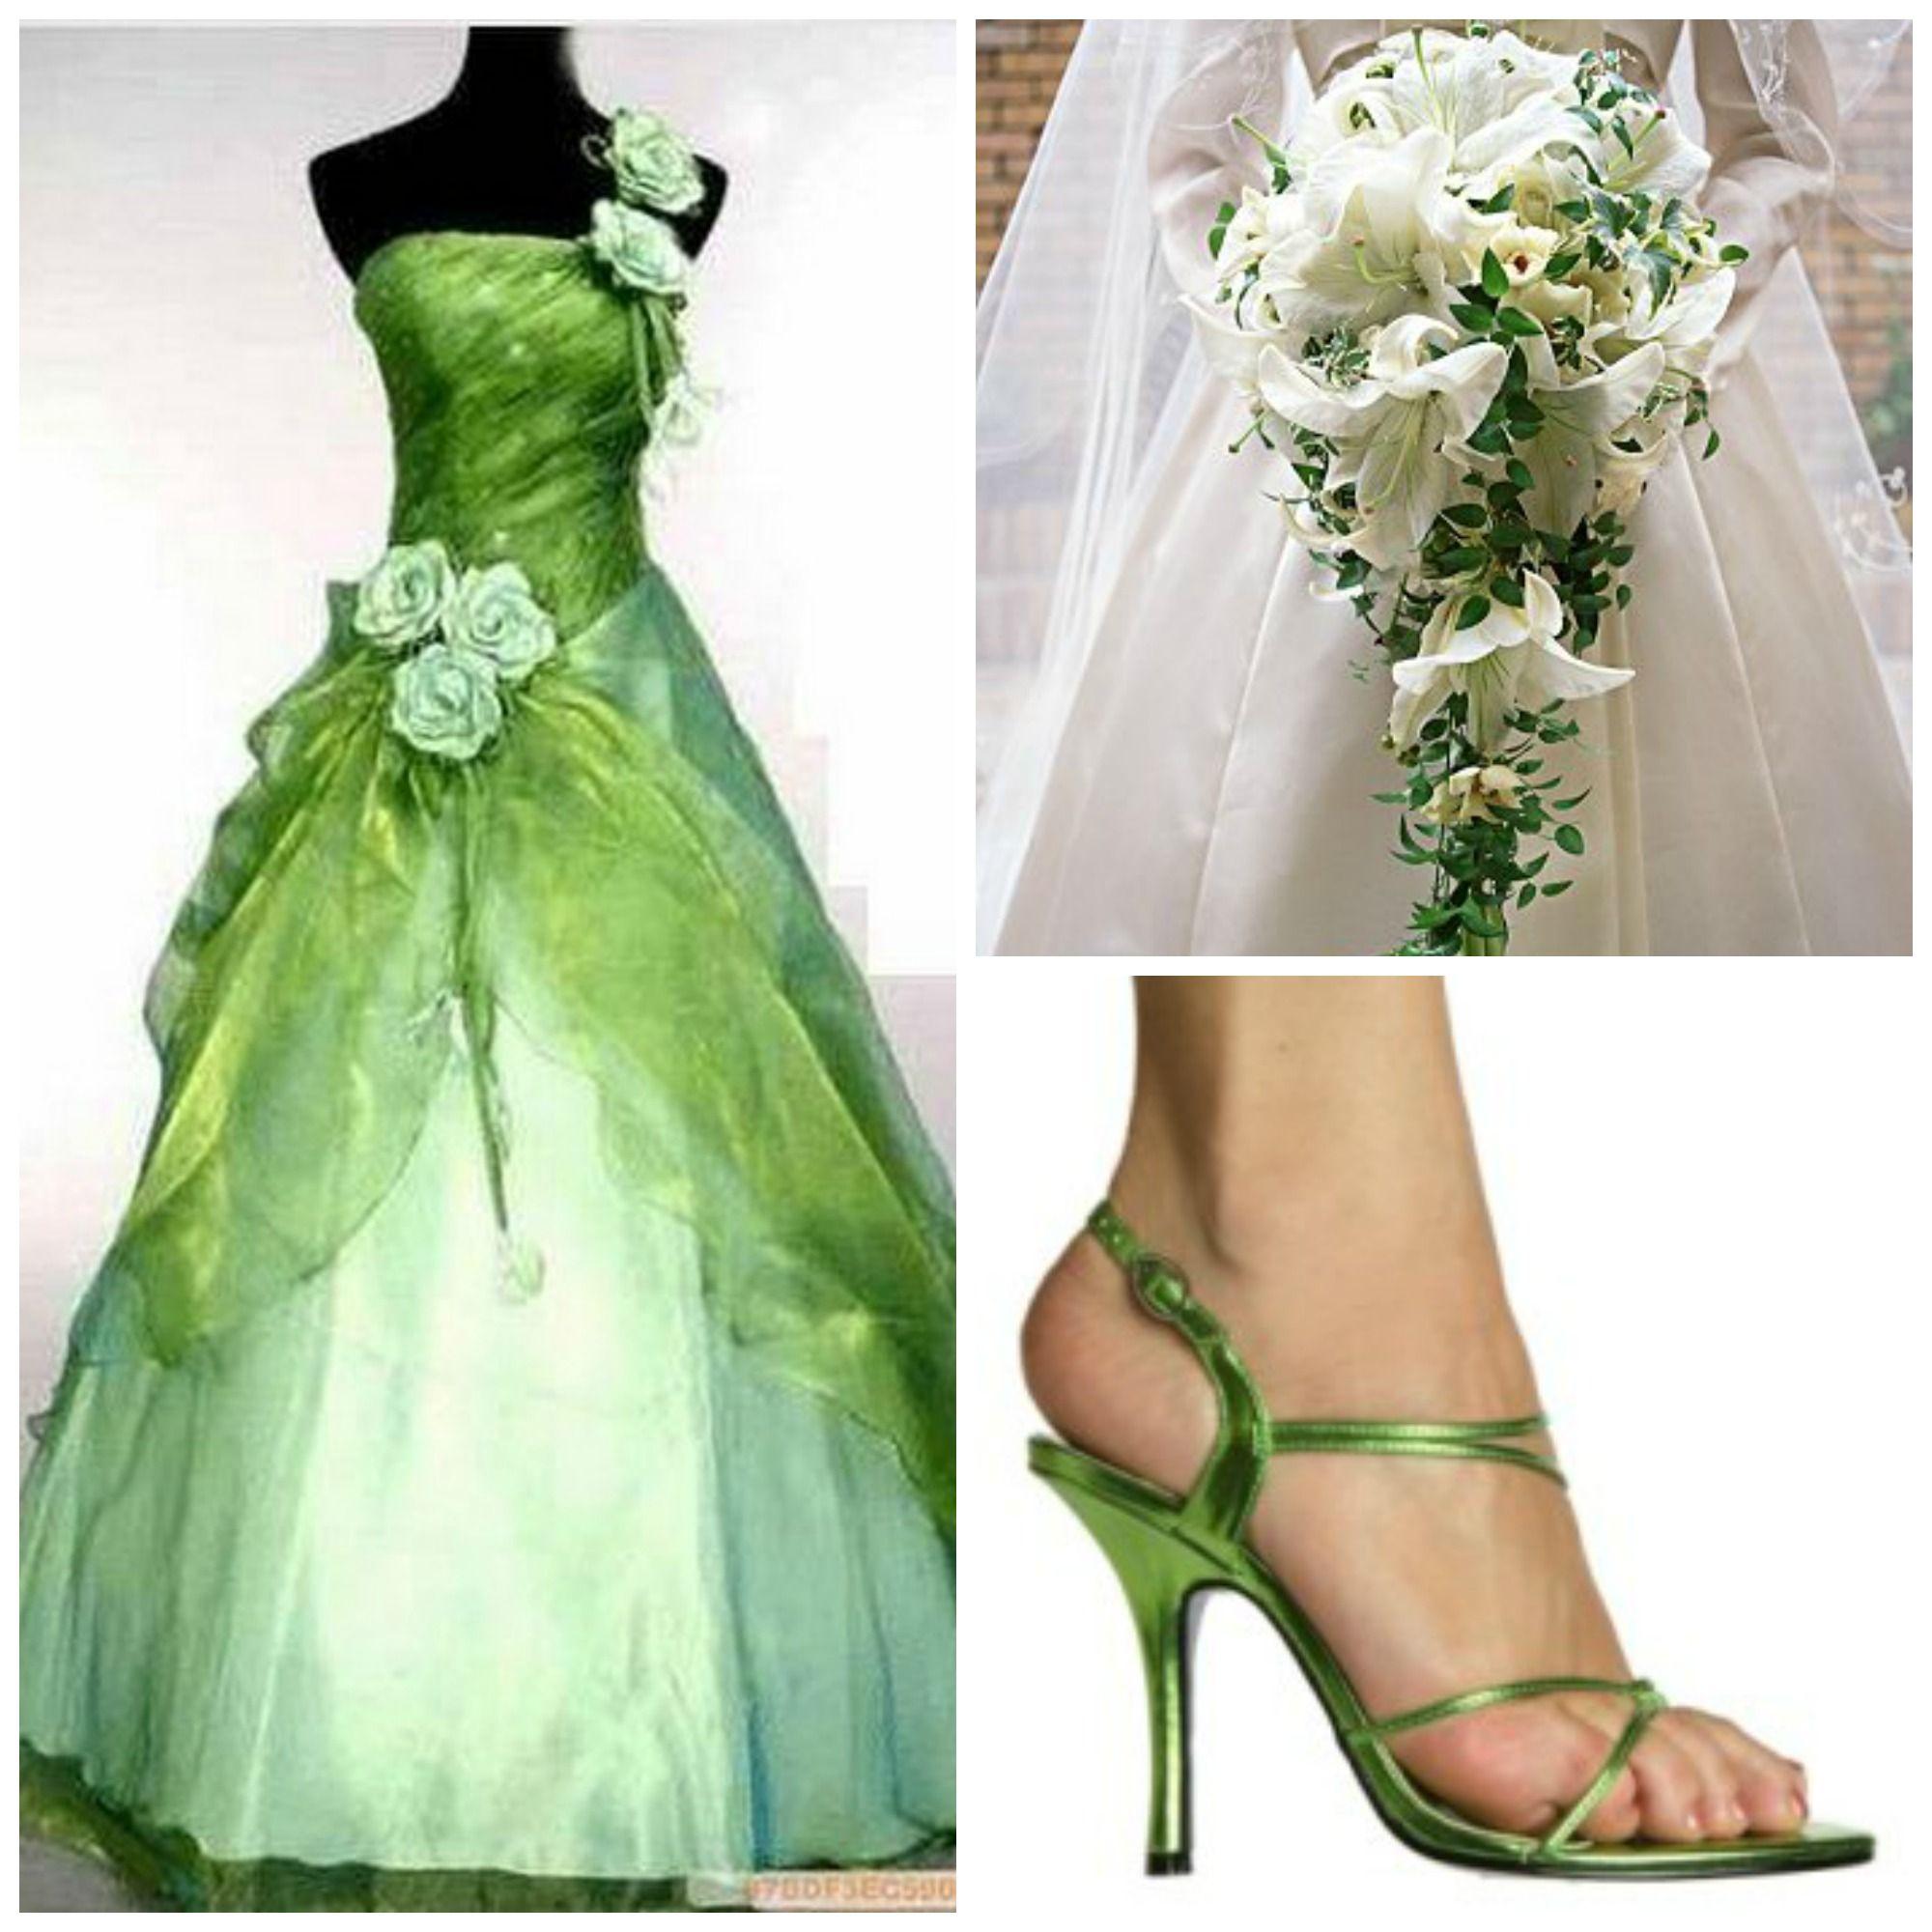 wiccan wedding dresses - Google Search | Unique Clothes | Pinterest ...